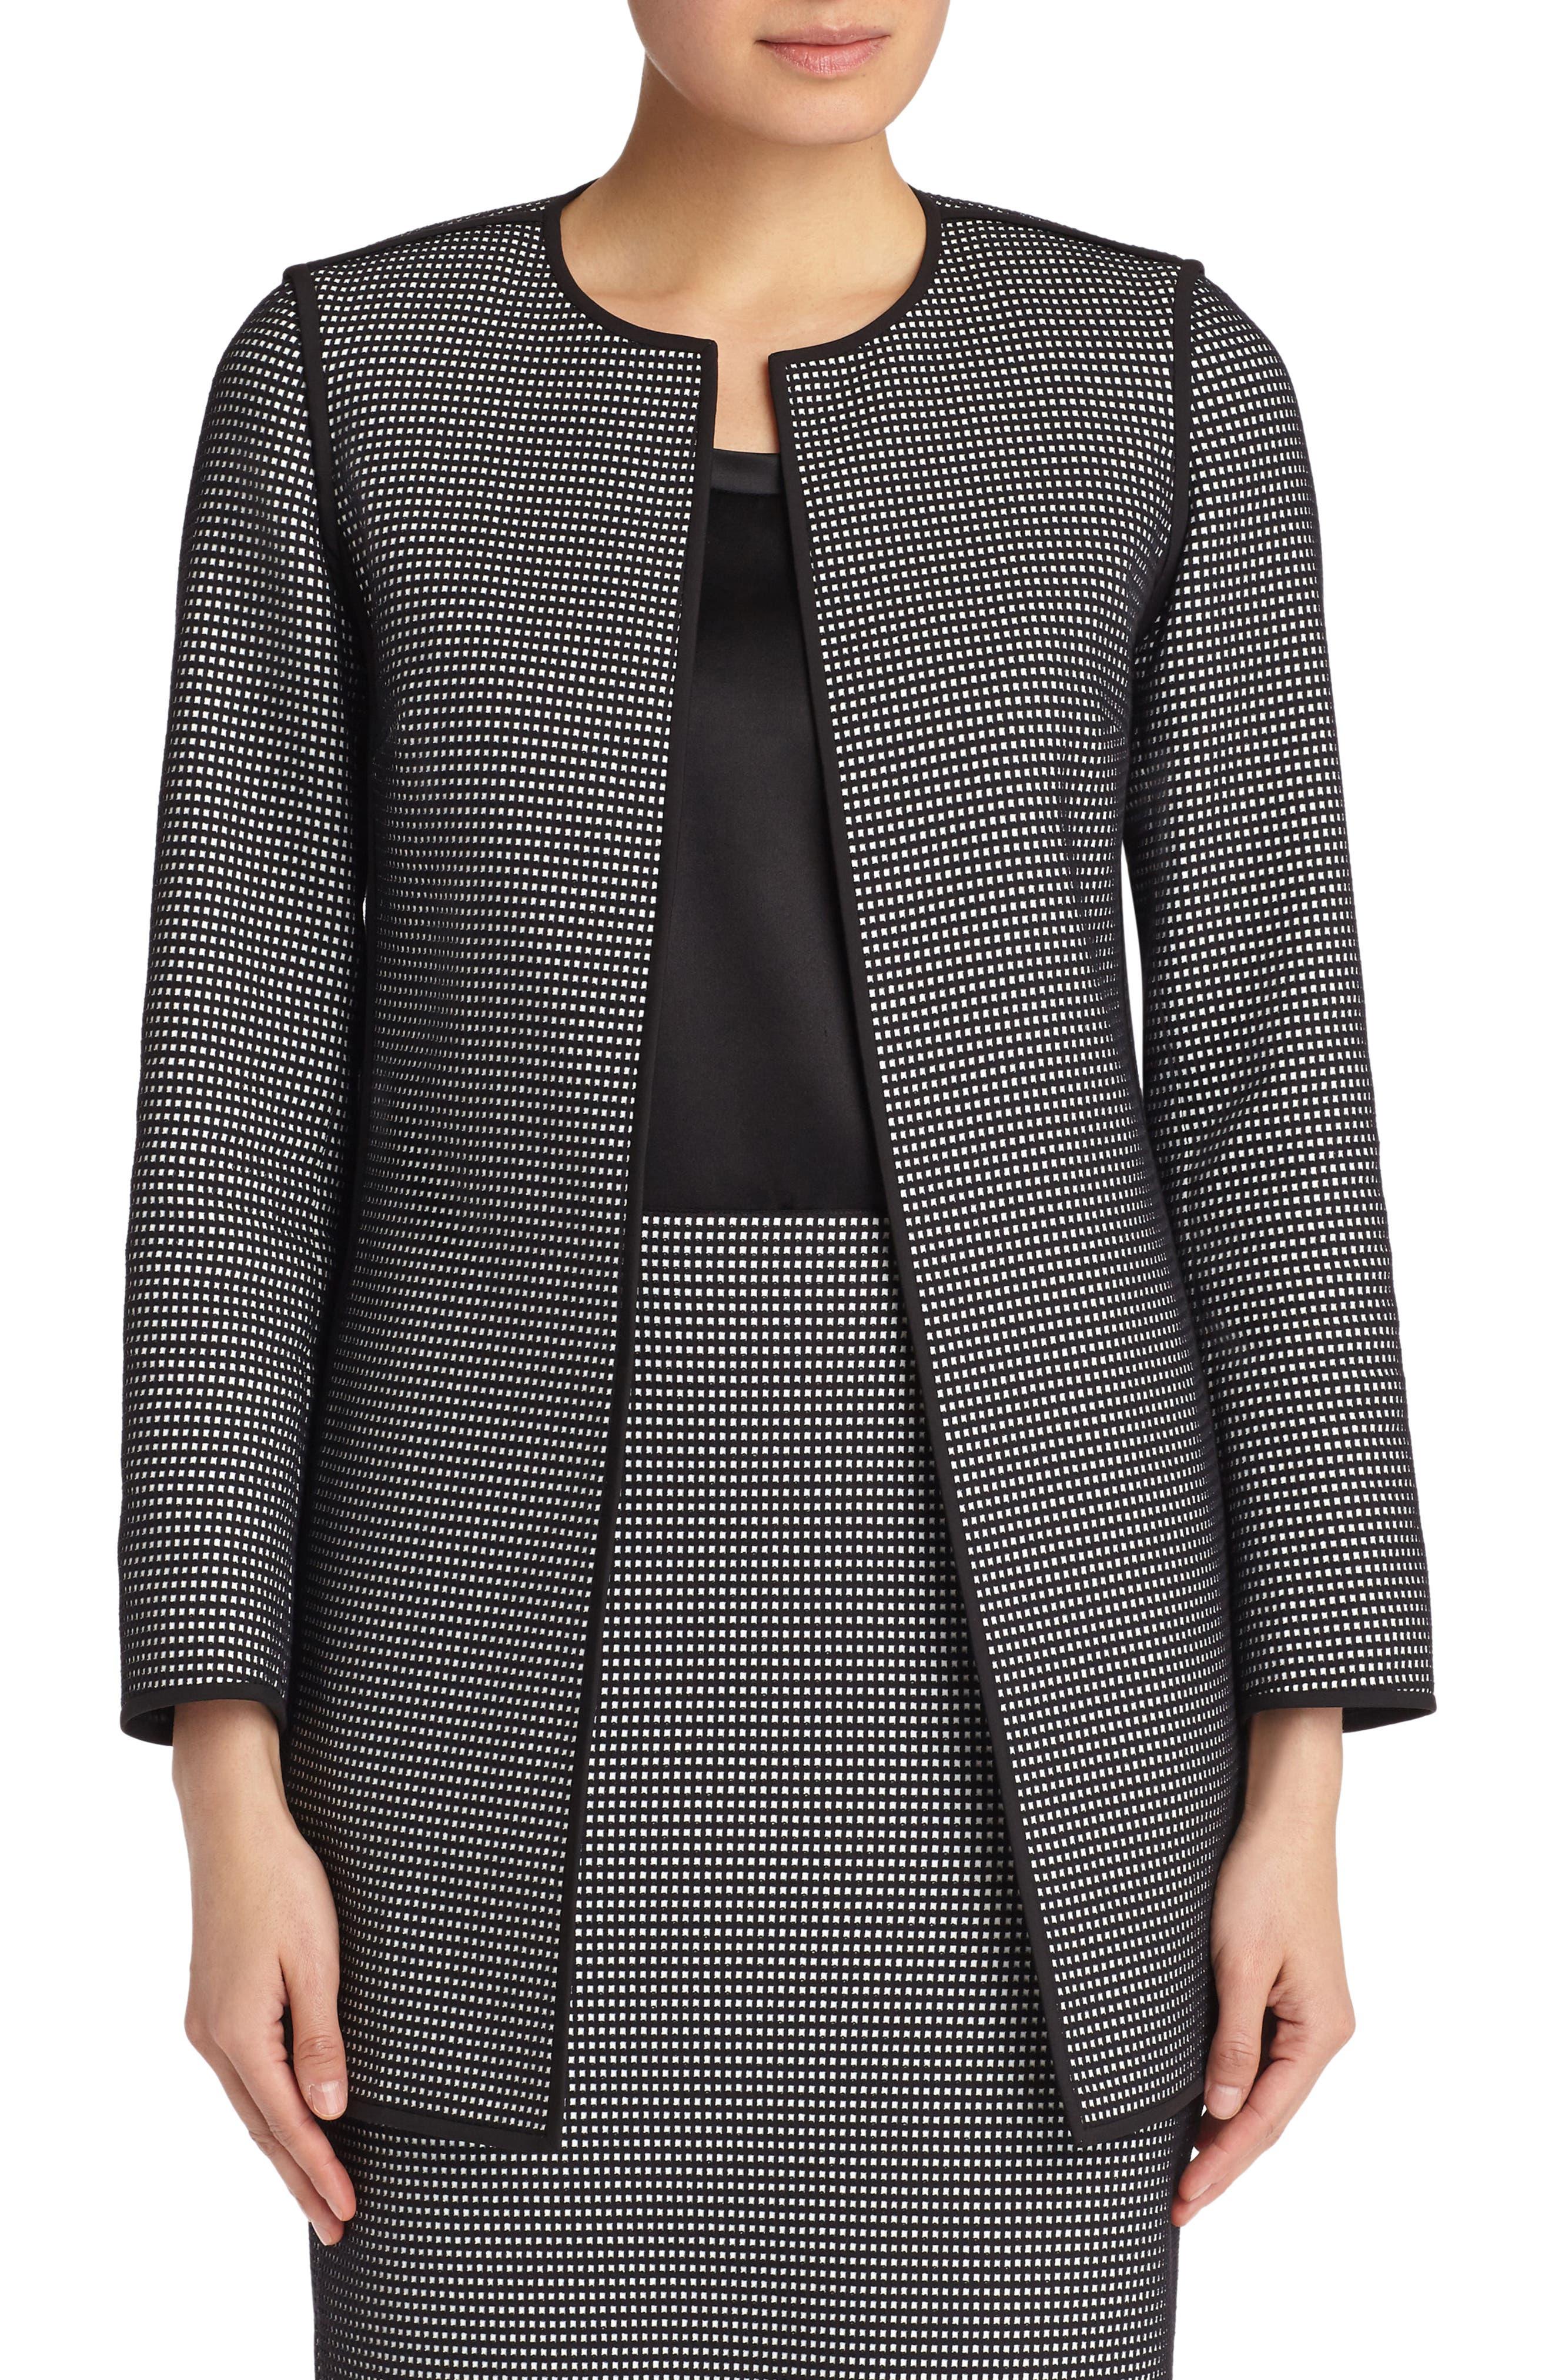 Pria Check Jacket,                         Main,                         color, Black Multi